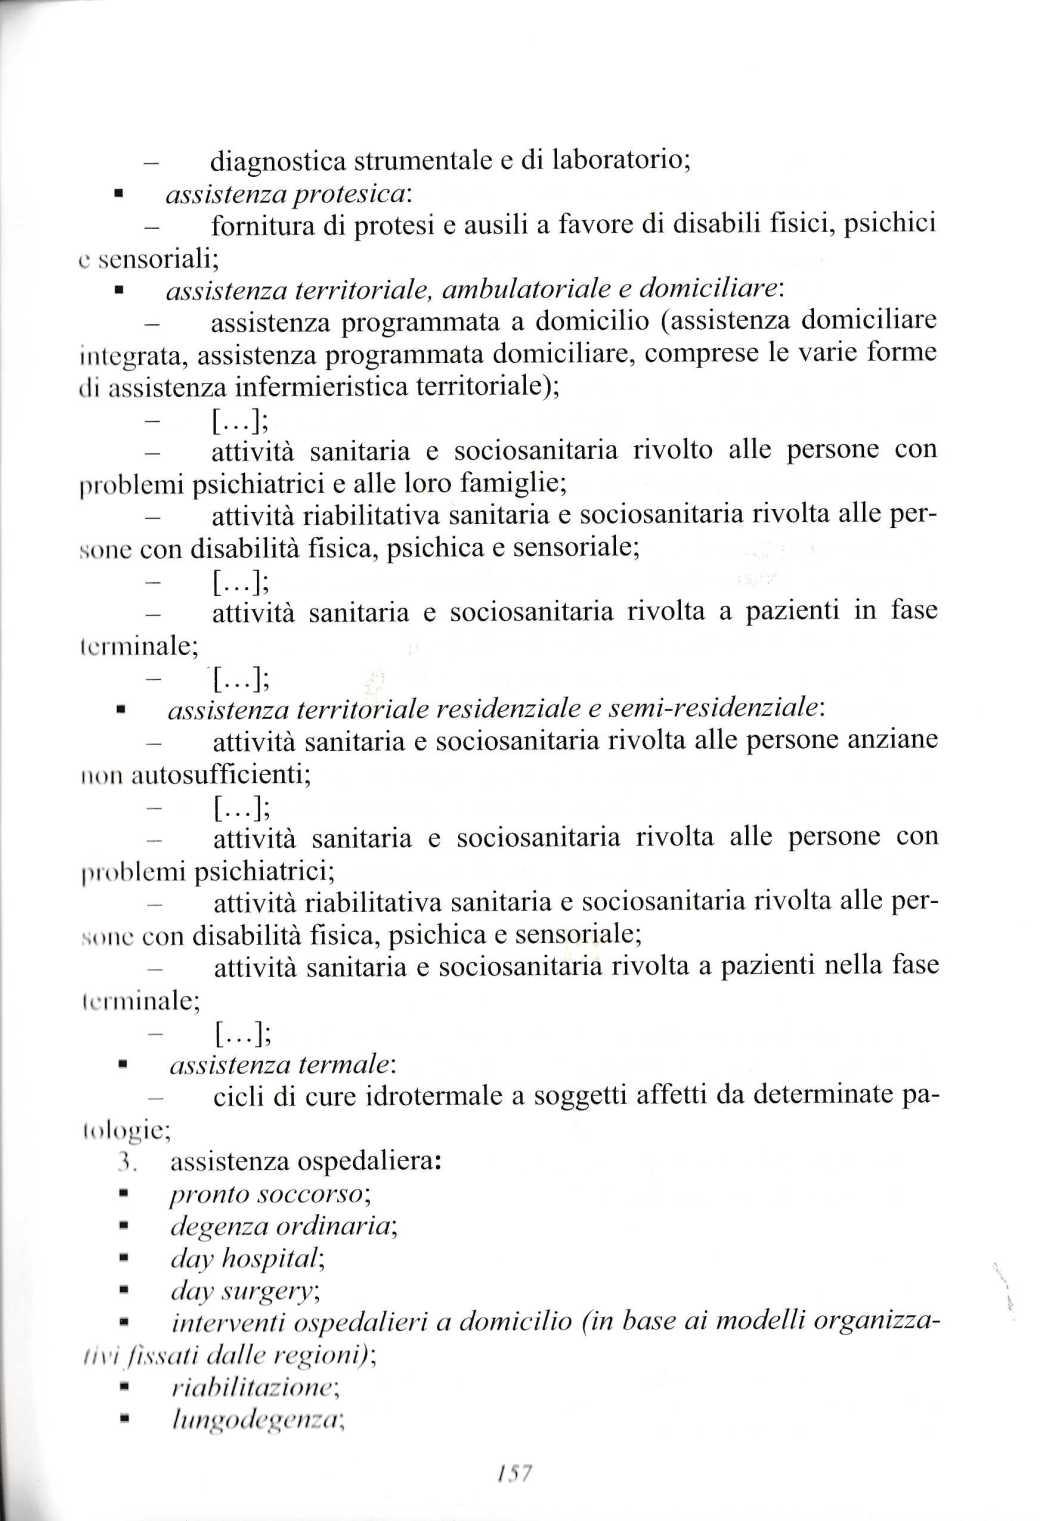 anziani politiche servizi 2005 ferrario paolo1340